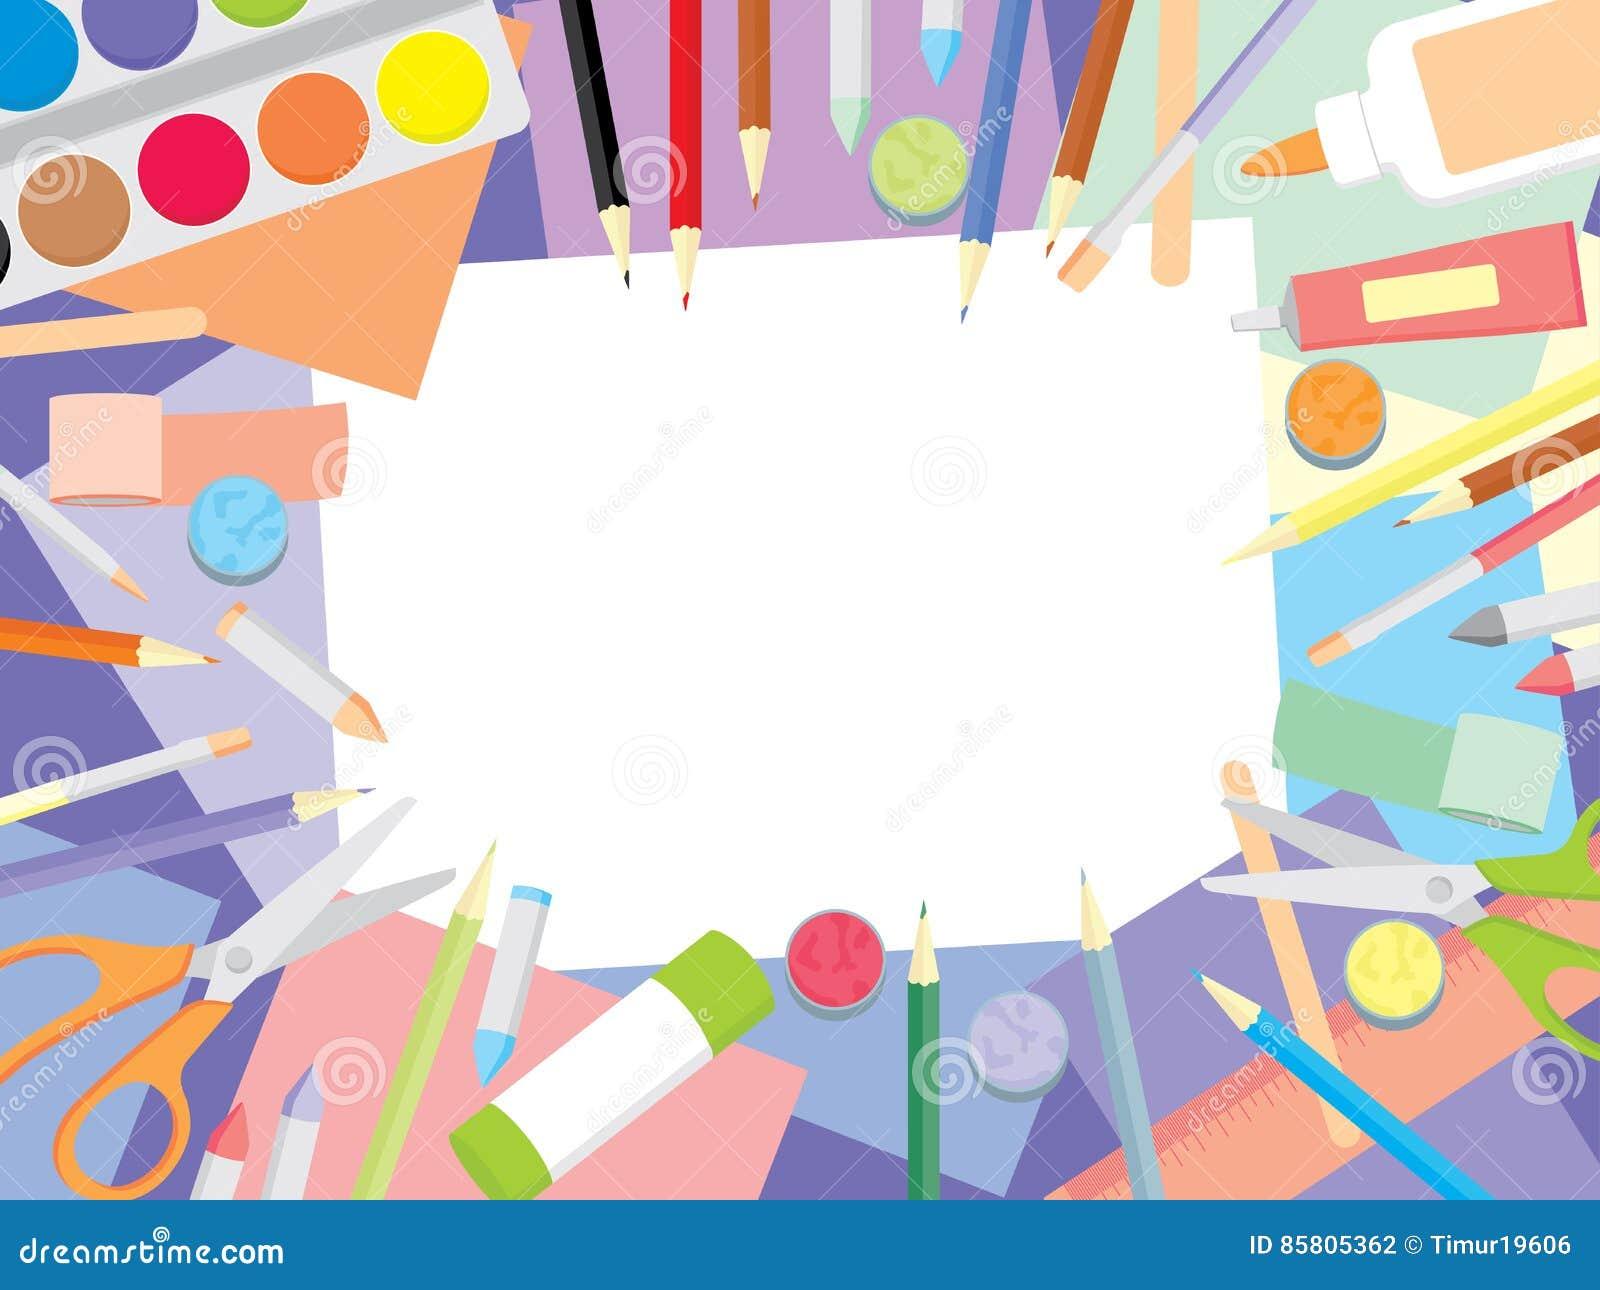 Kids Craft Supplies Stock Vector Illustration Of Kindergarten